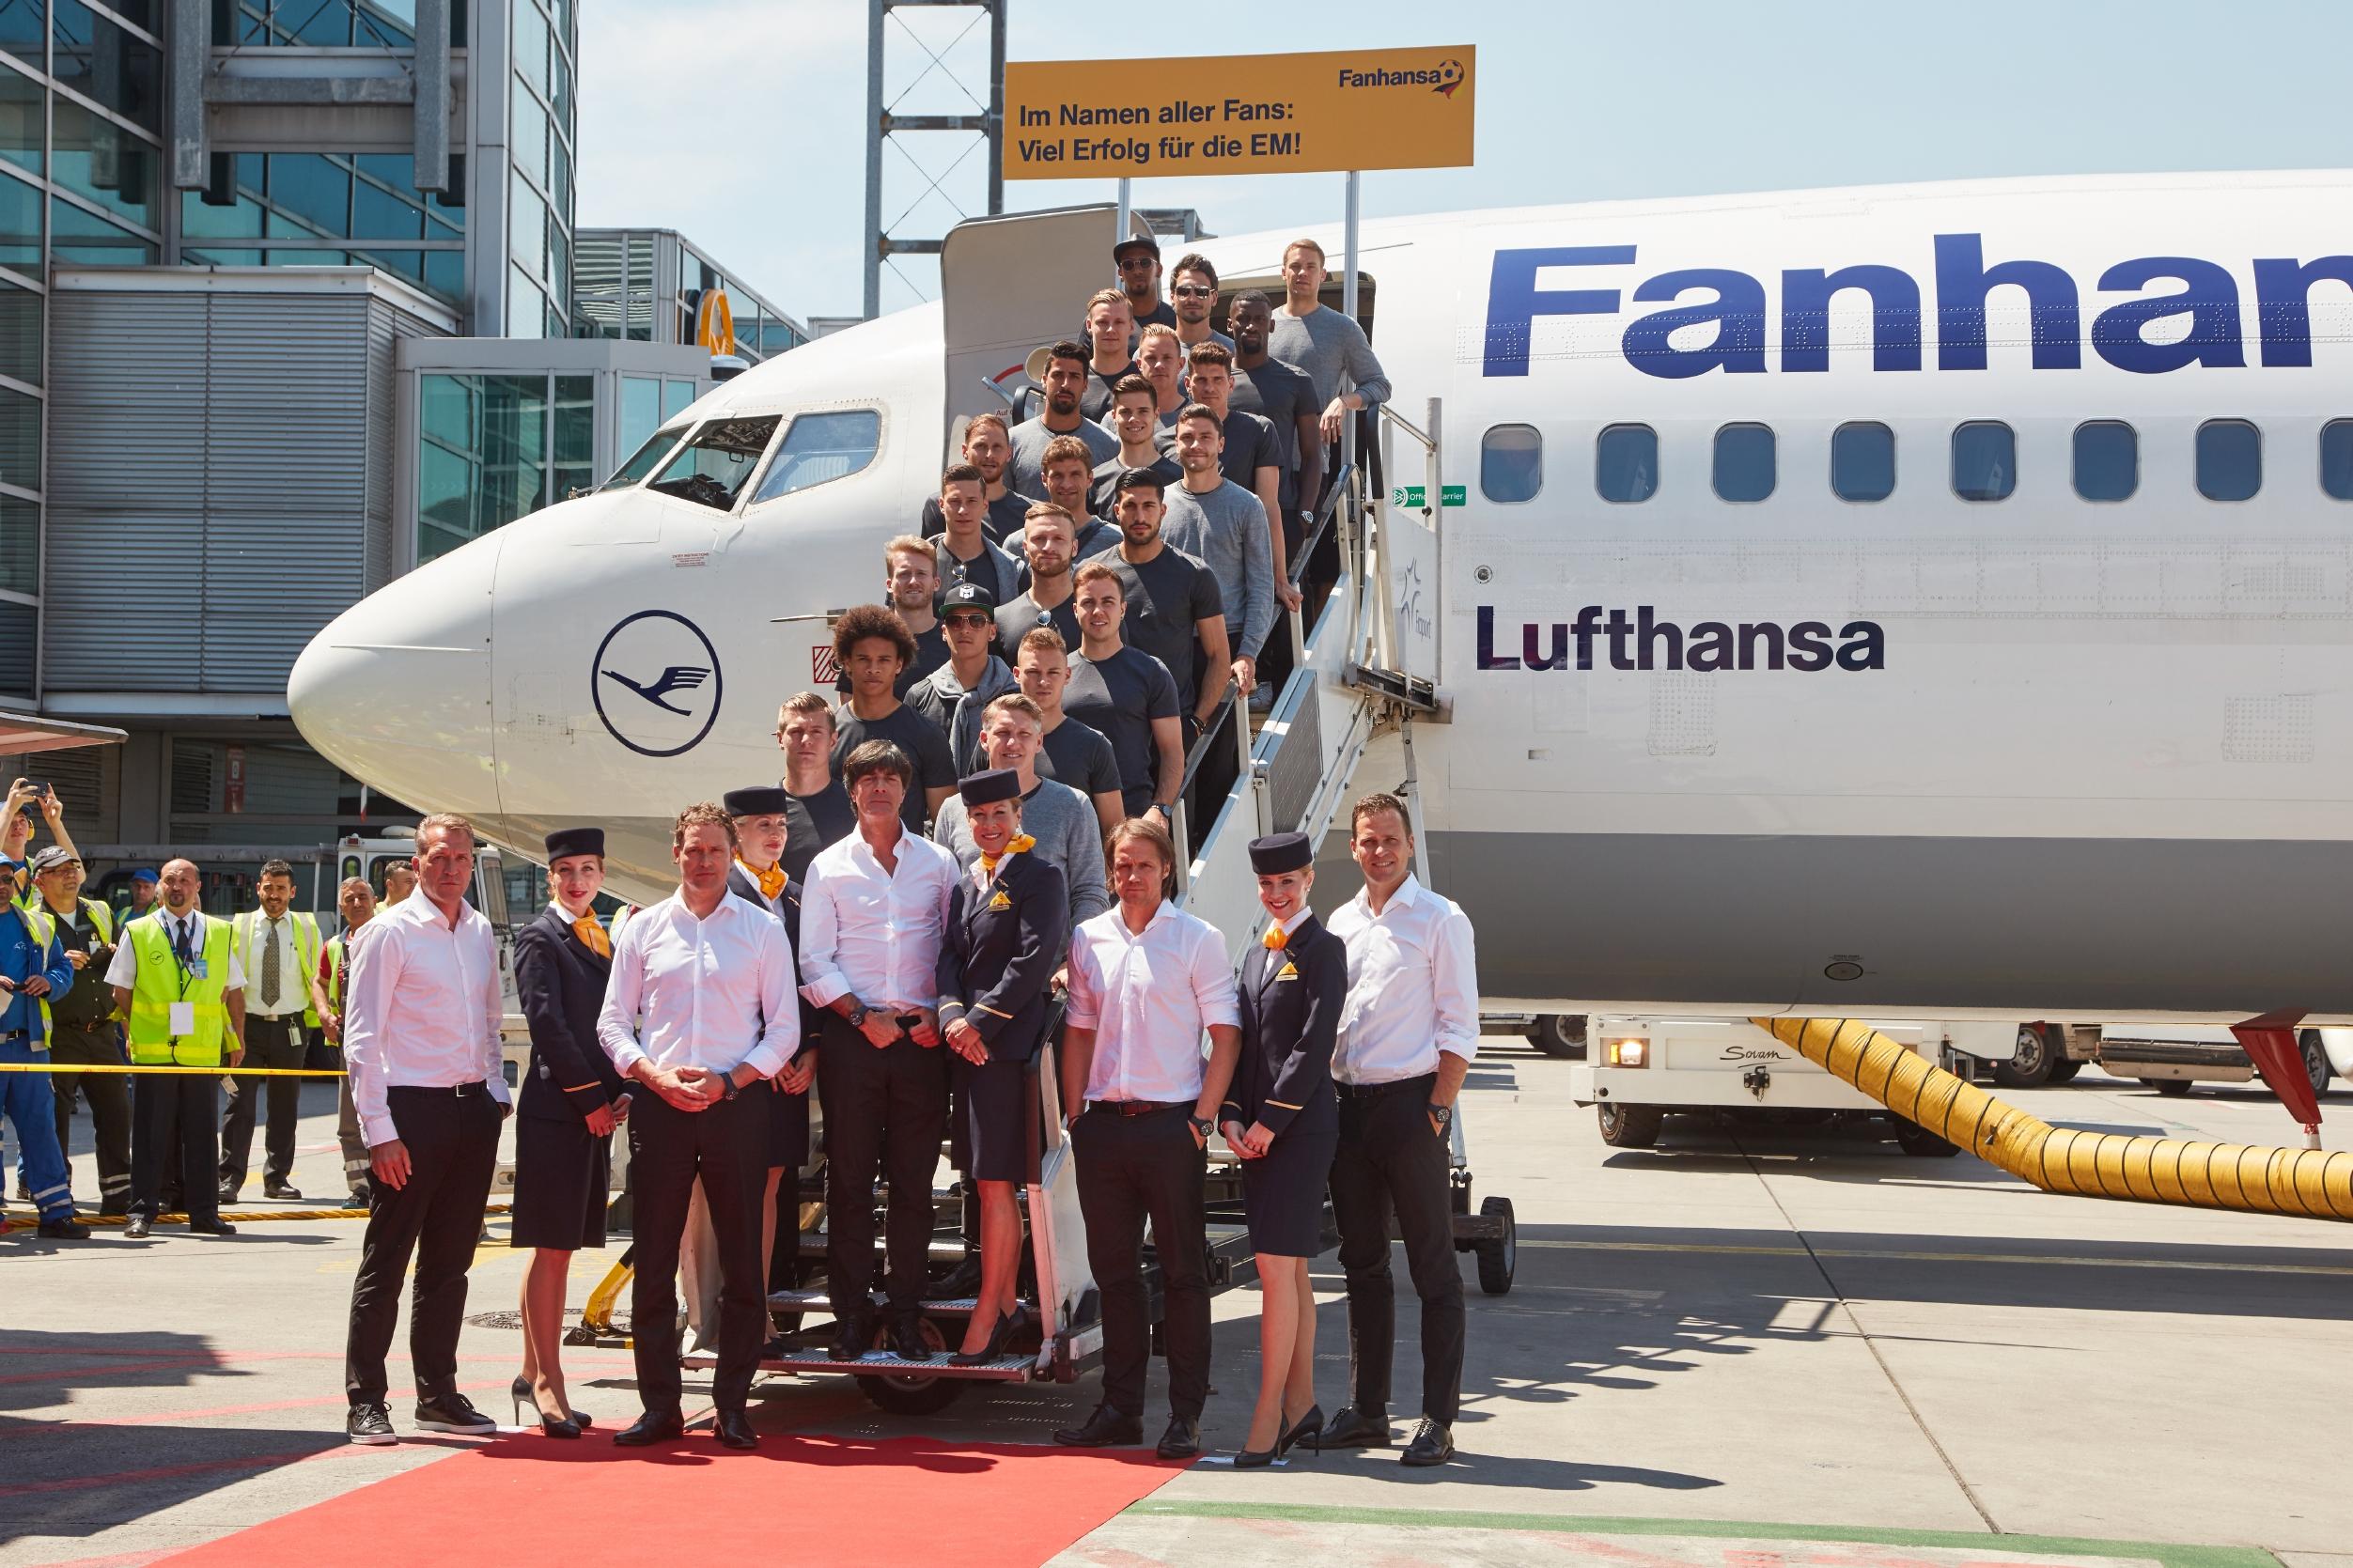 """Det tyske landshold klar til afgang til EM-fodbold med det særlige """"Fanhansa"""" fly. (Foto: Oliver Rösler / Lufthansa)"""